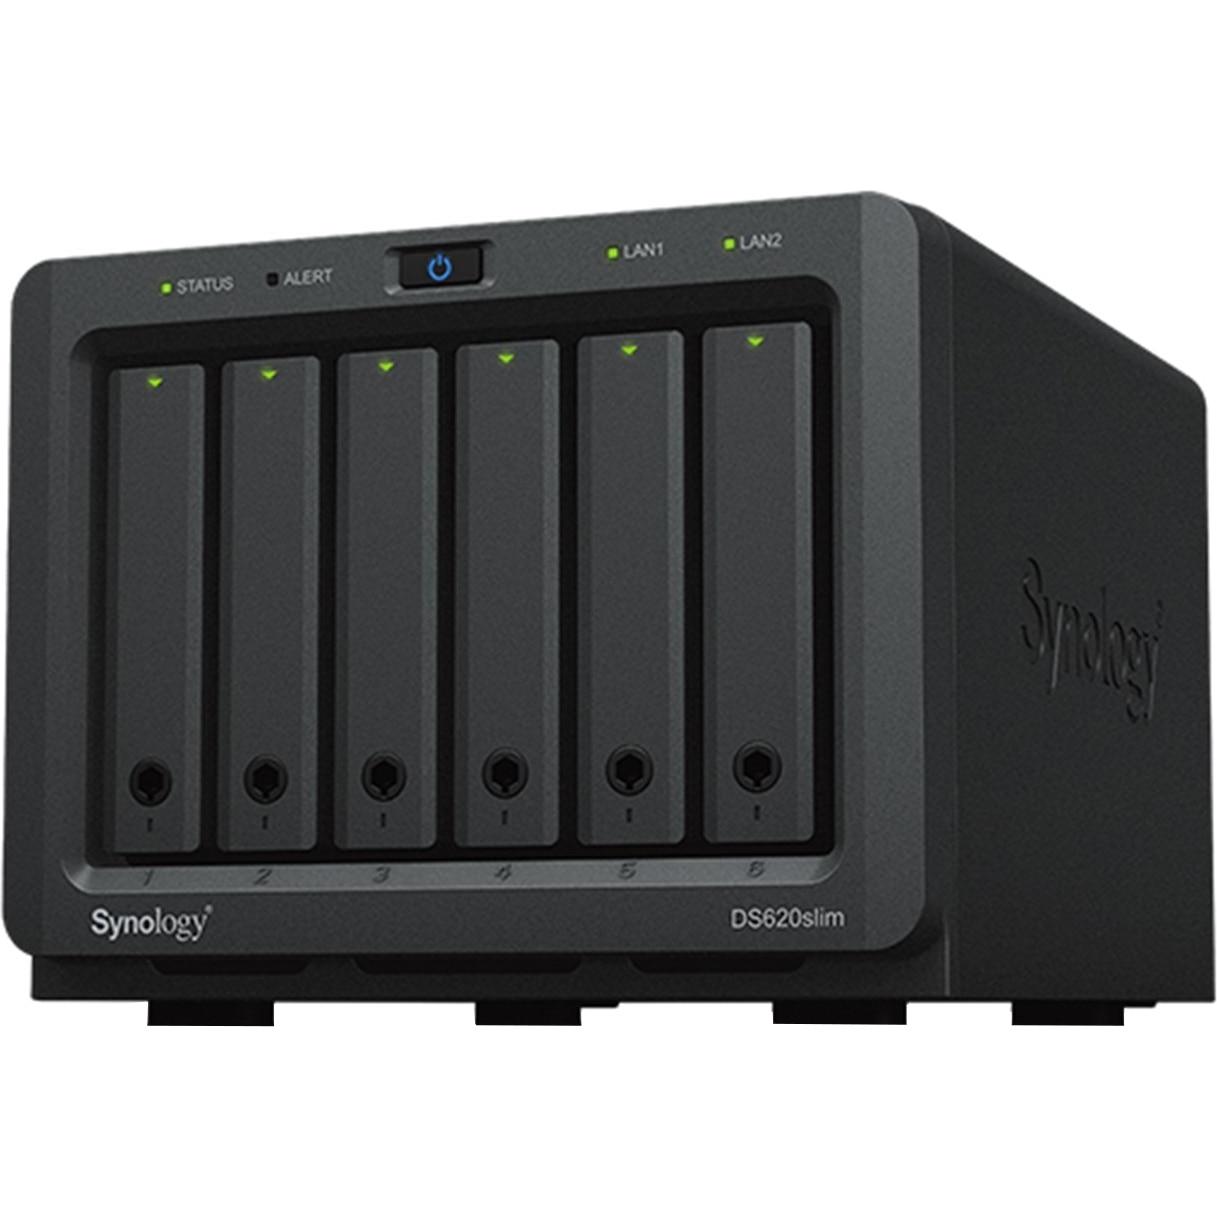 Fotografie Network Attached Storage Synology DiskStation DS620slim, Procesor Intel Celeron J3355, 2.5GHz, 2GB DDR3L ,6 bay